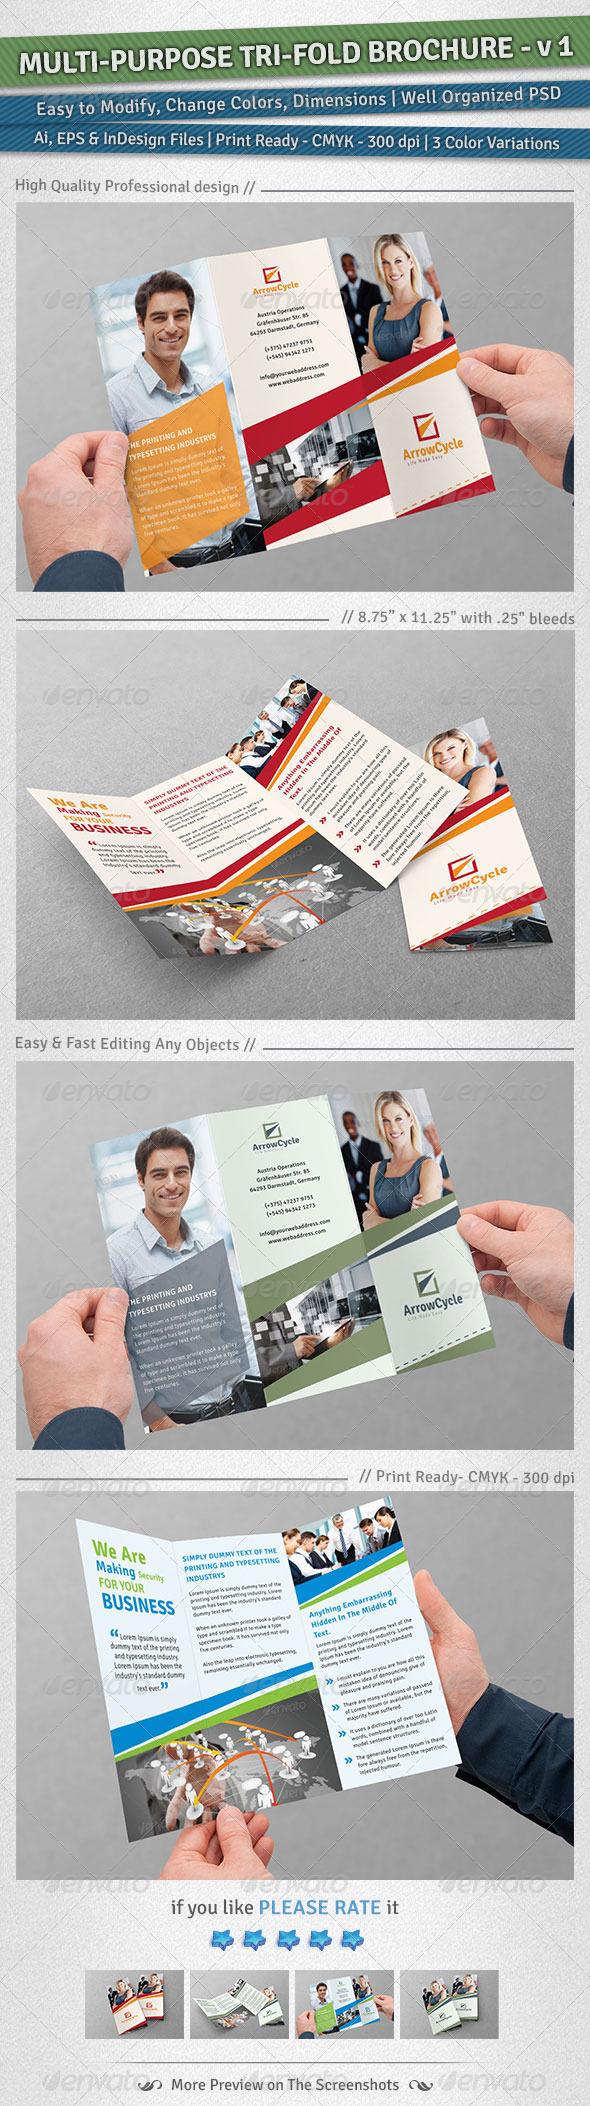 GraphicRiver Multi-Purpose Tri-Fold Brochure Volume 1 4875200